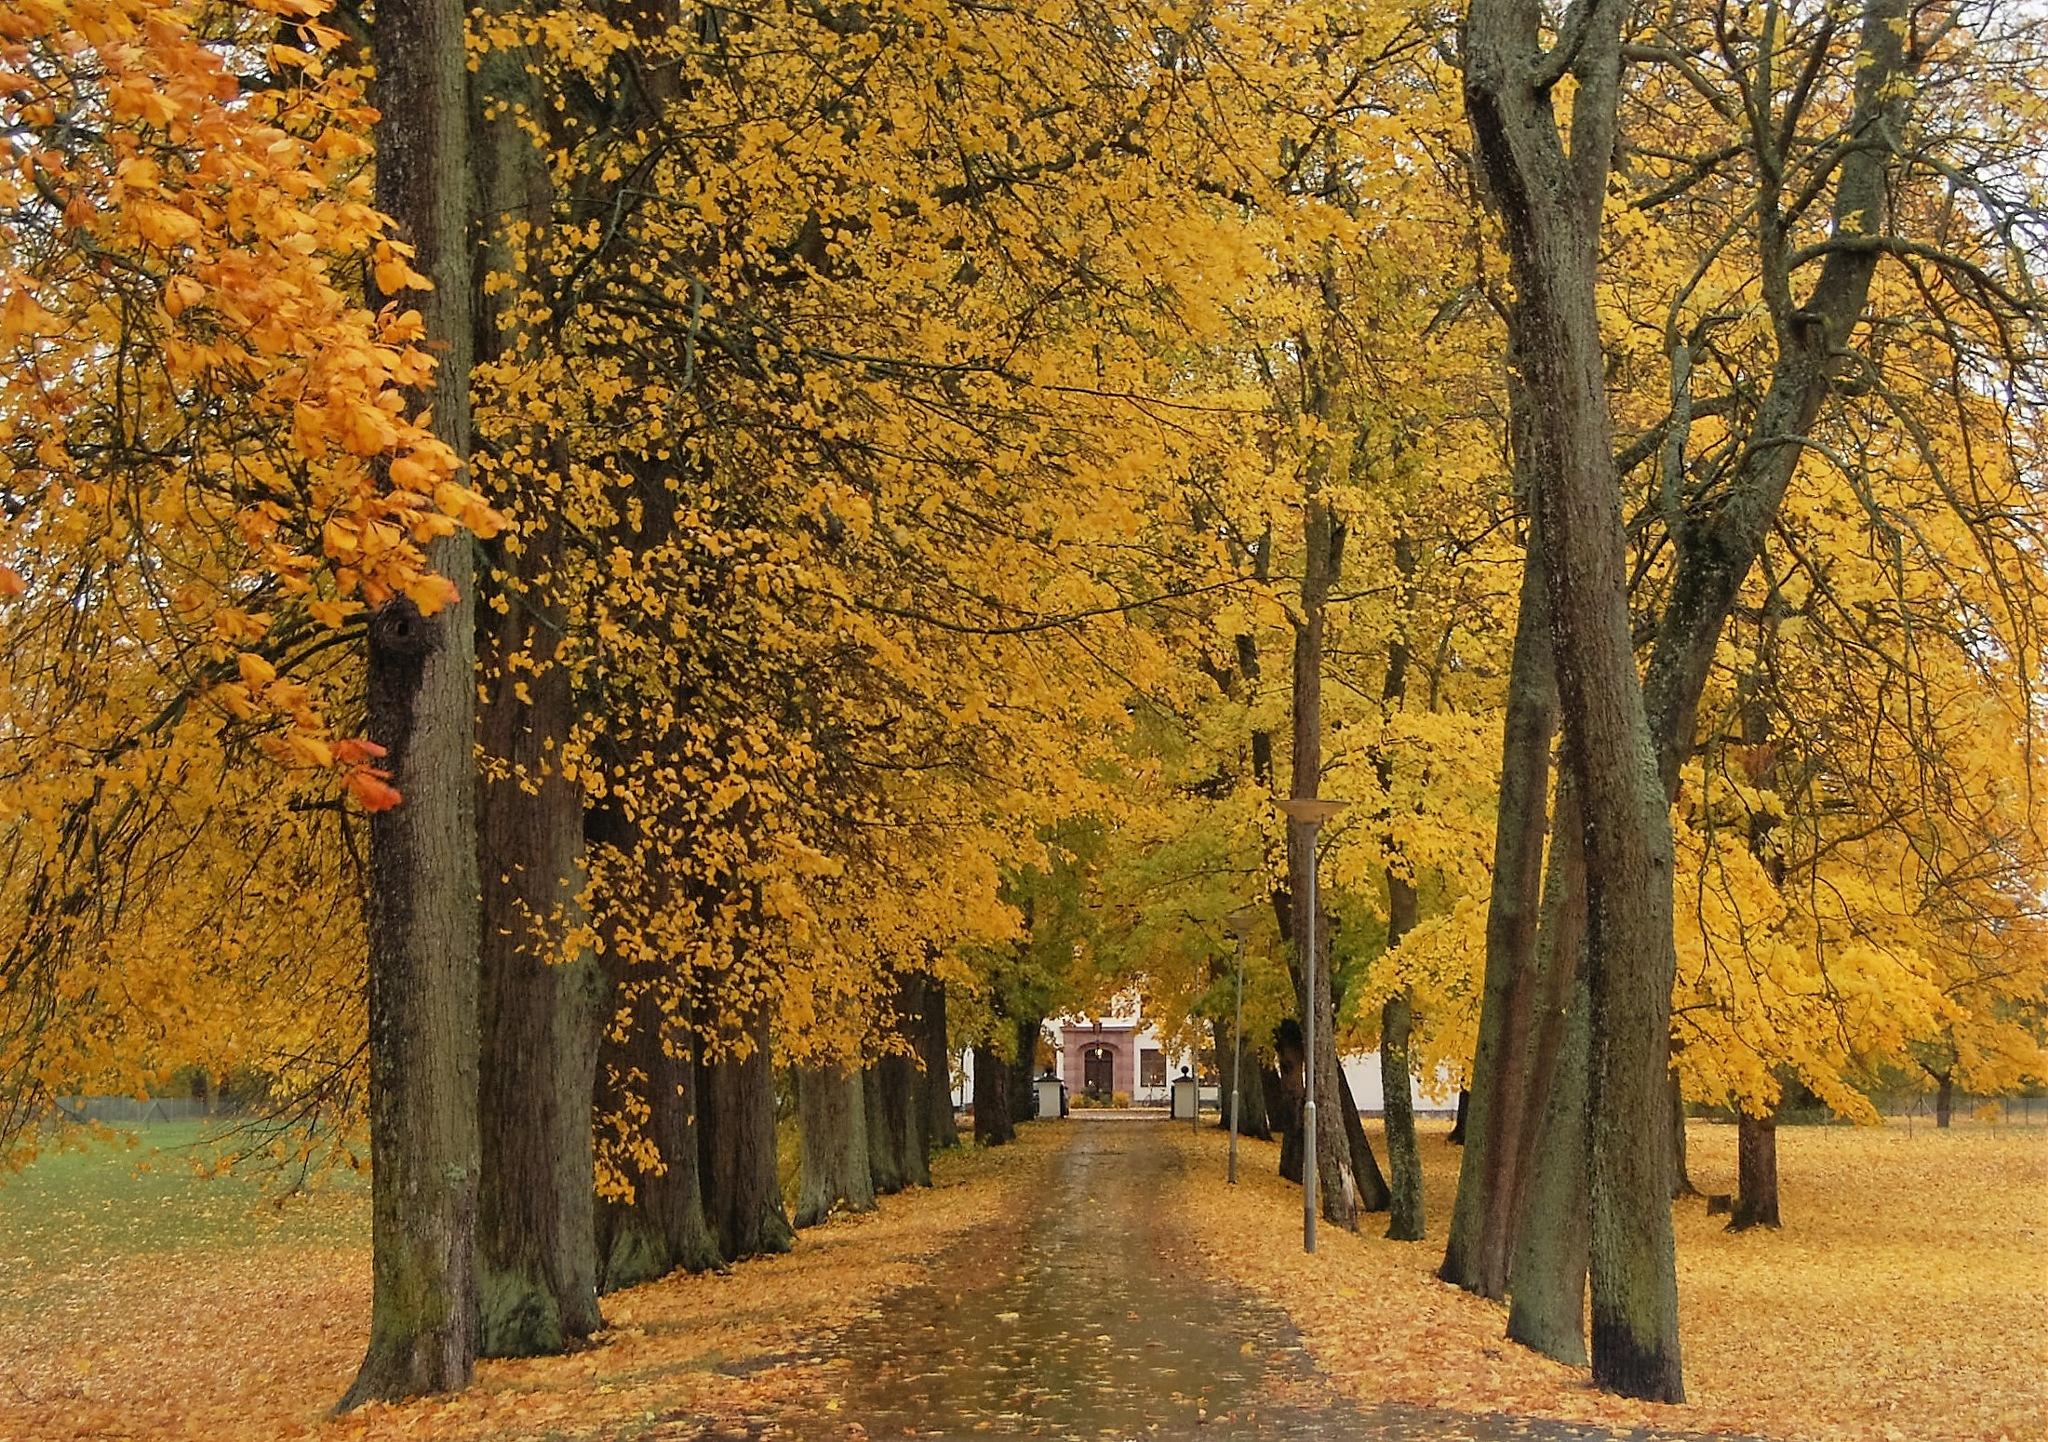 Autumn by lillemor.ekstrom ek